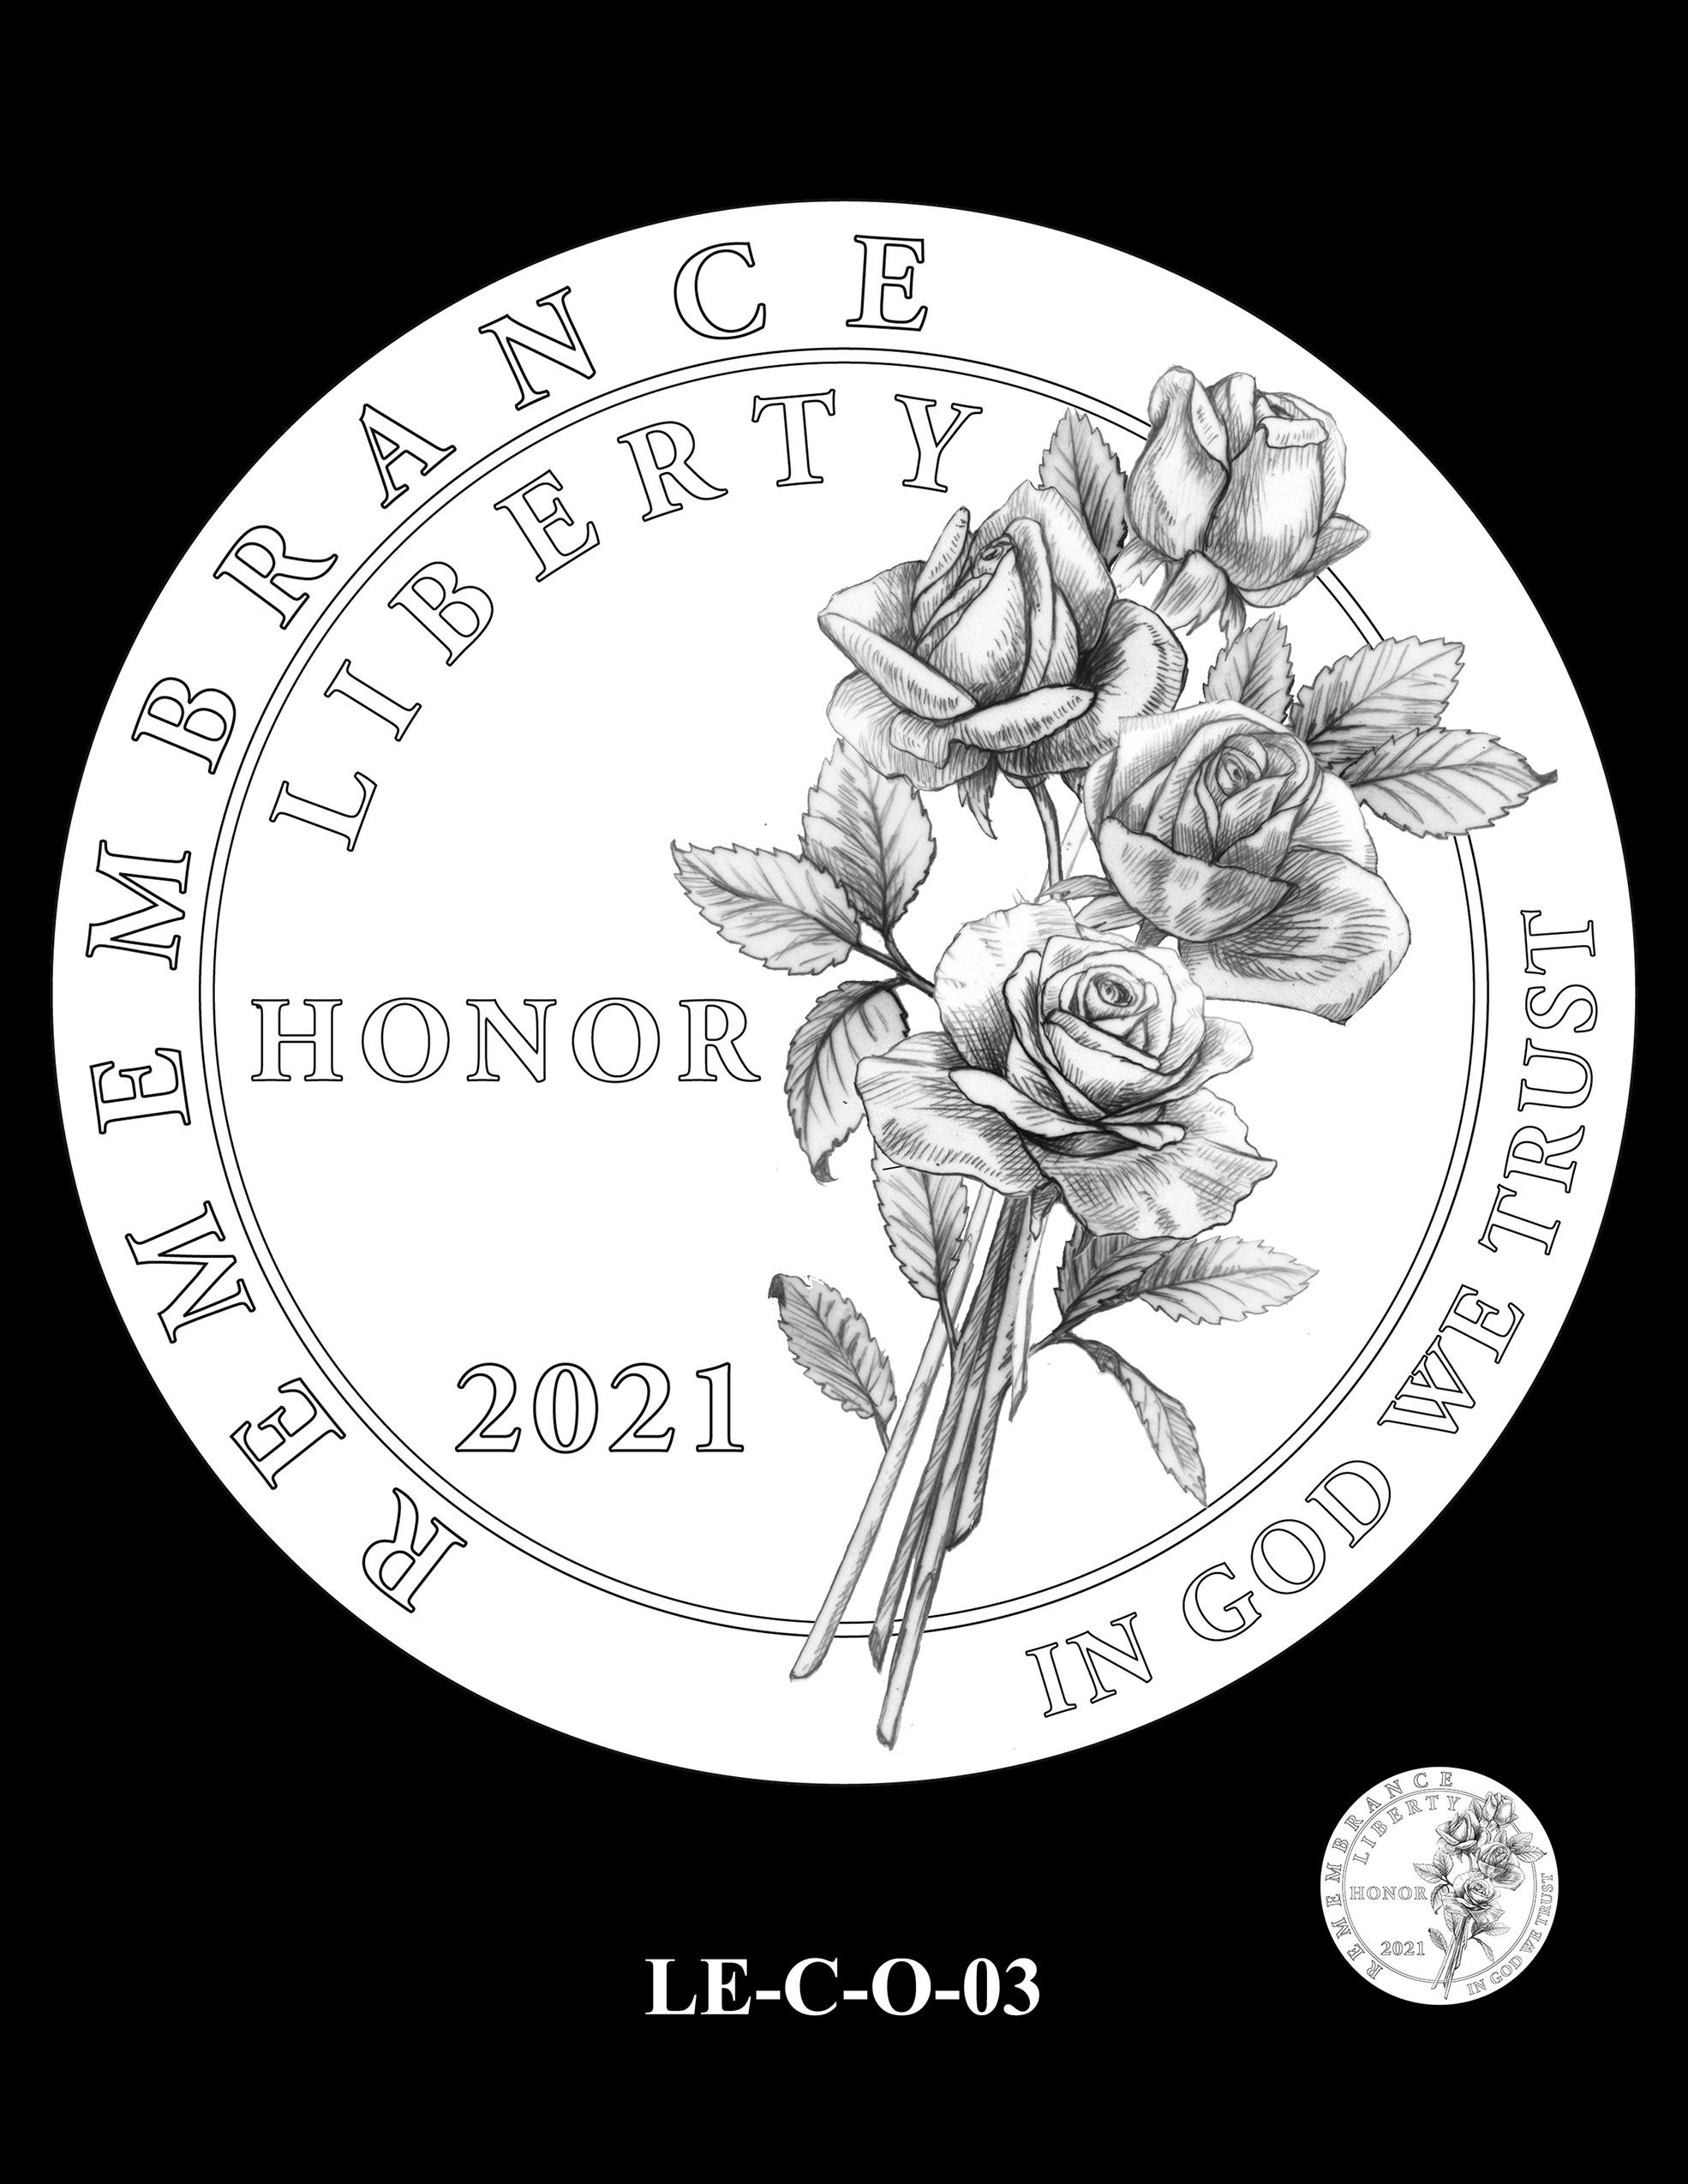 LE-C-O-03 -- National Law Enforcement Museum Commemorative Coin Program